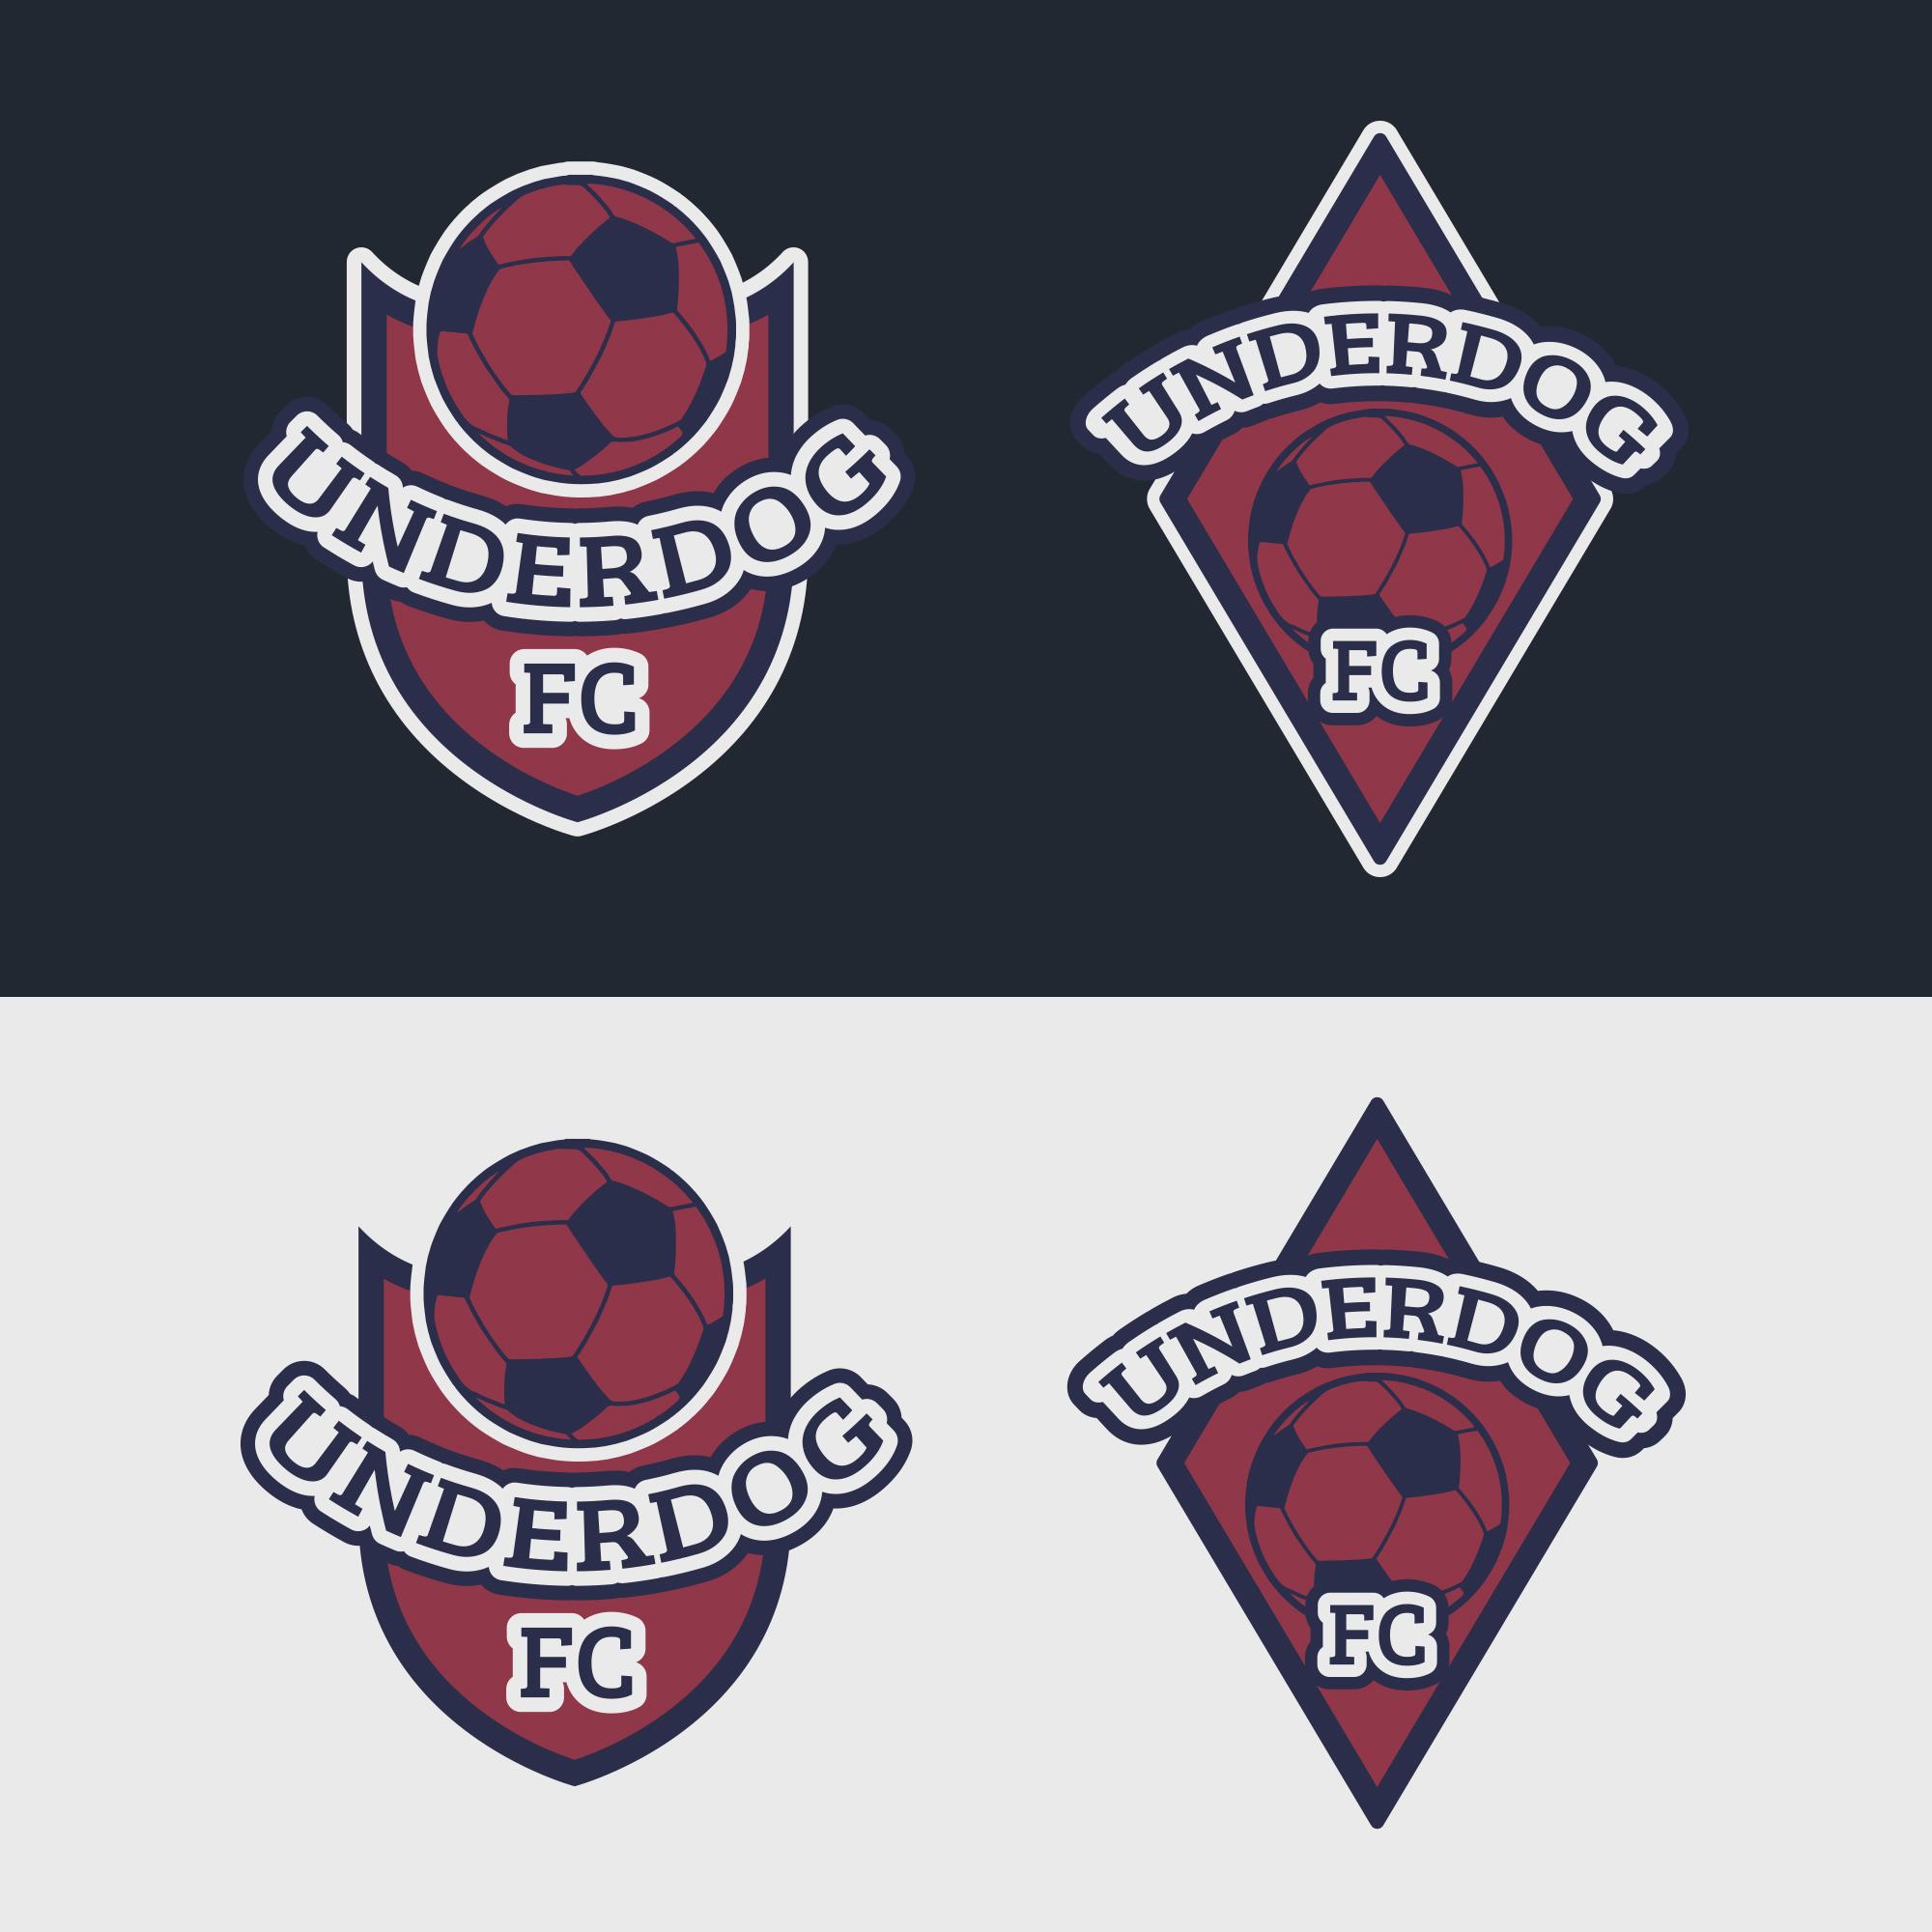 Футбольный клуб UNDERDOG - разработать фирстиль и бренд-бук фото f_6235cb08073bd541.jpg